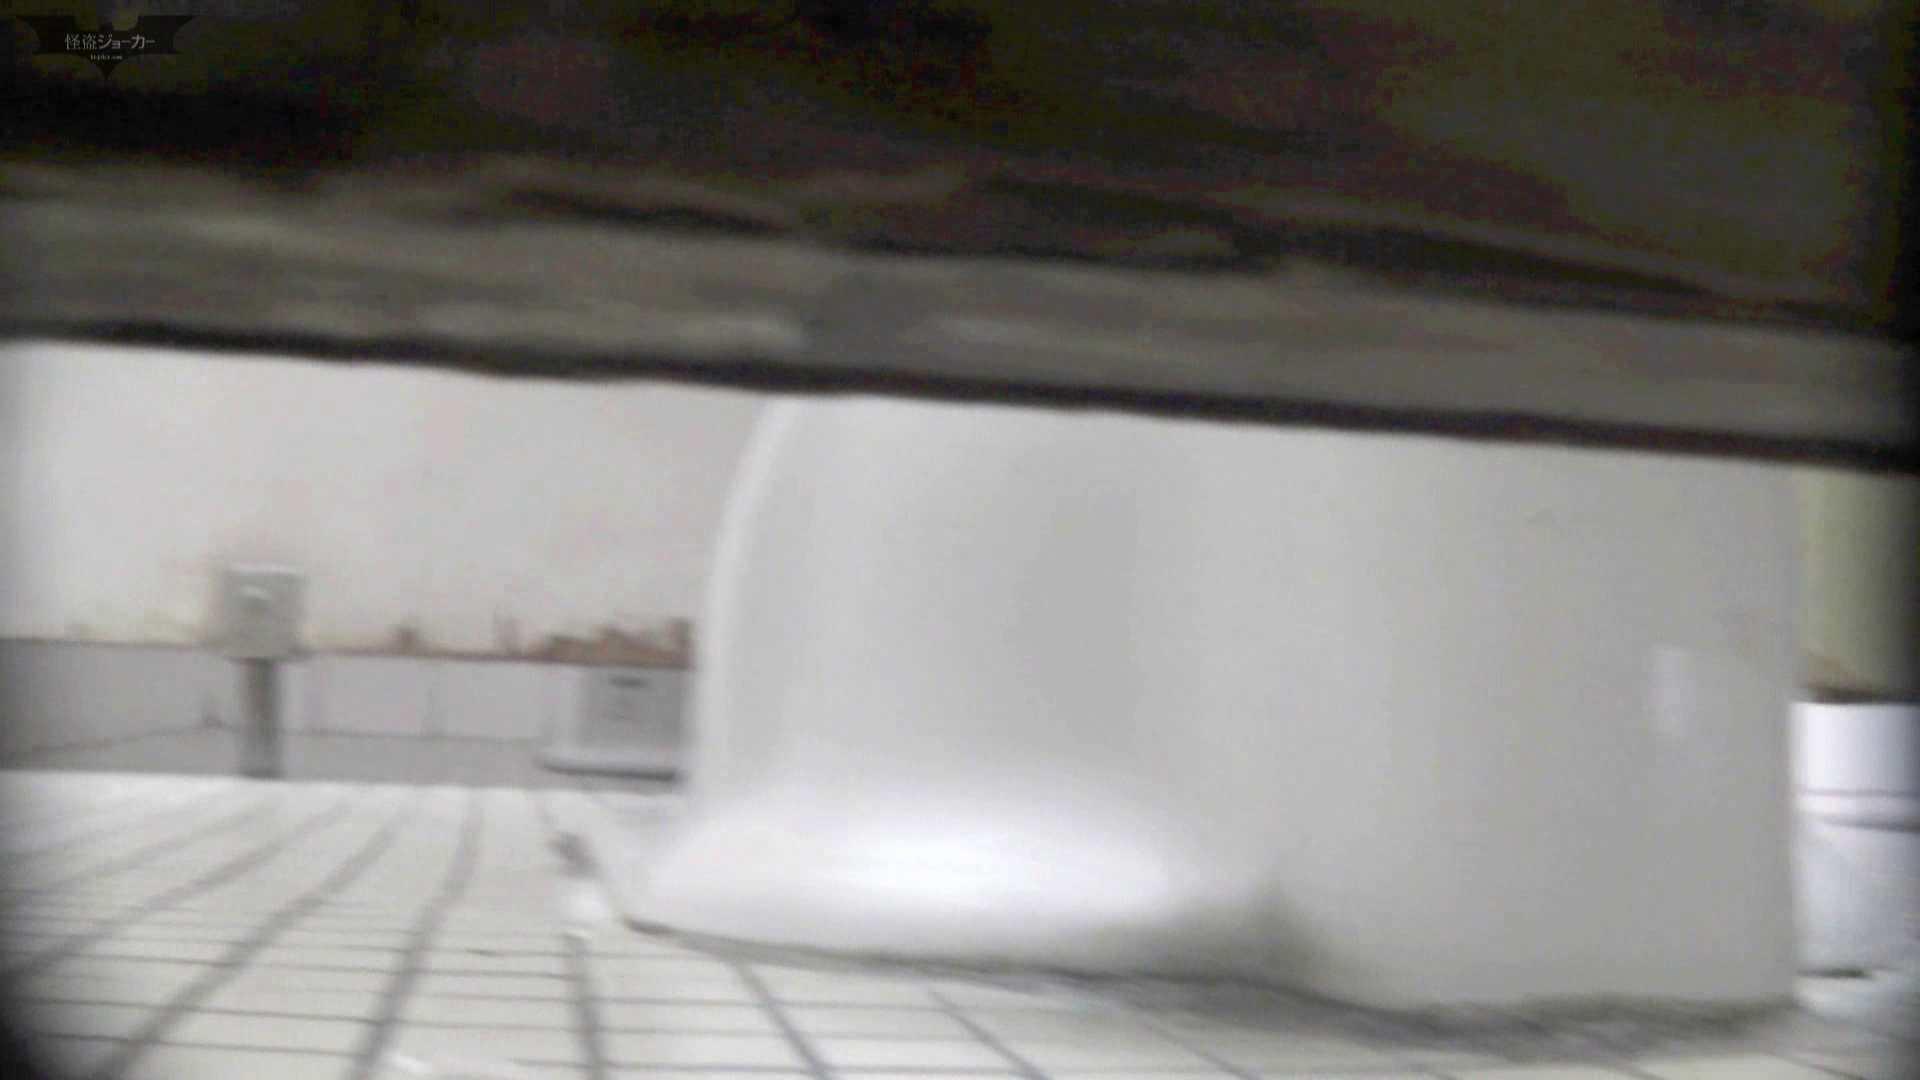 【潜入トイレ盗撮】洗面所特攻隊 vol.70 極上品の連続、歌いながら美女入室 ギャル攻め AV無料動画キャプチャ 97画像 92